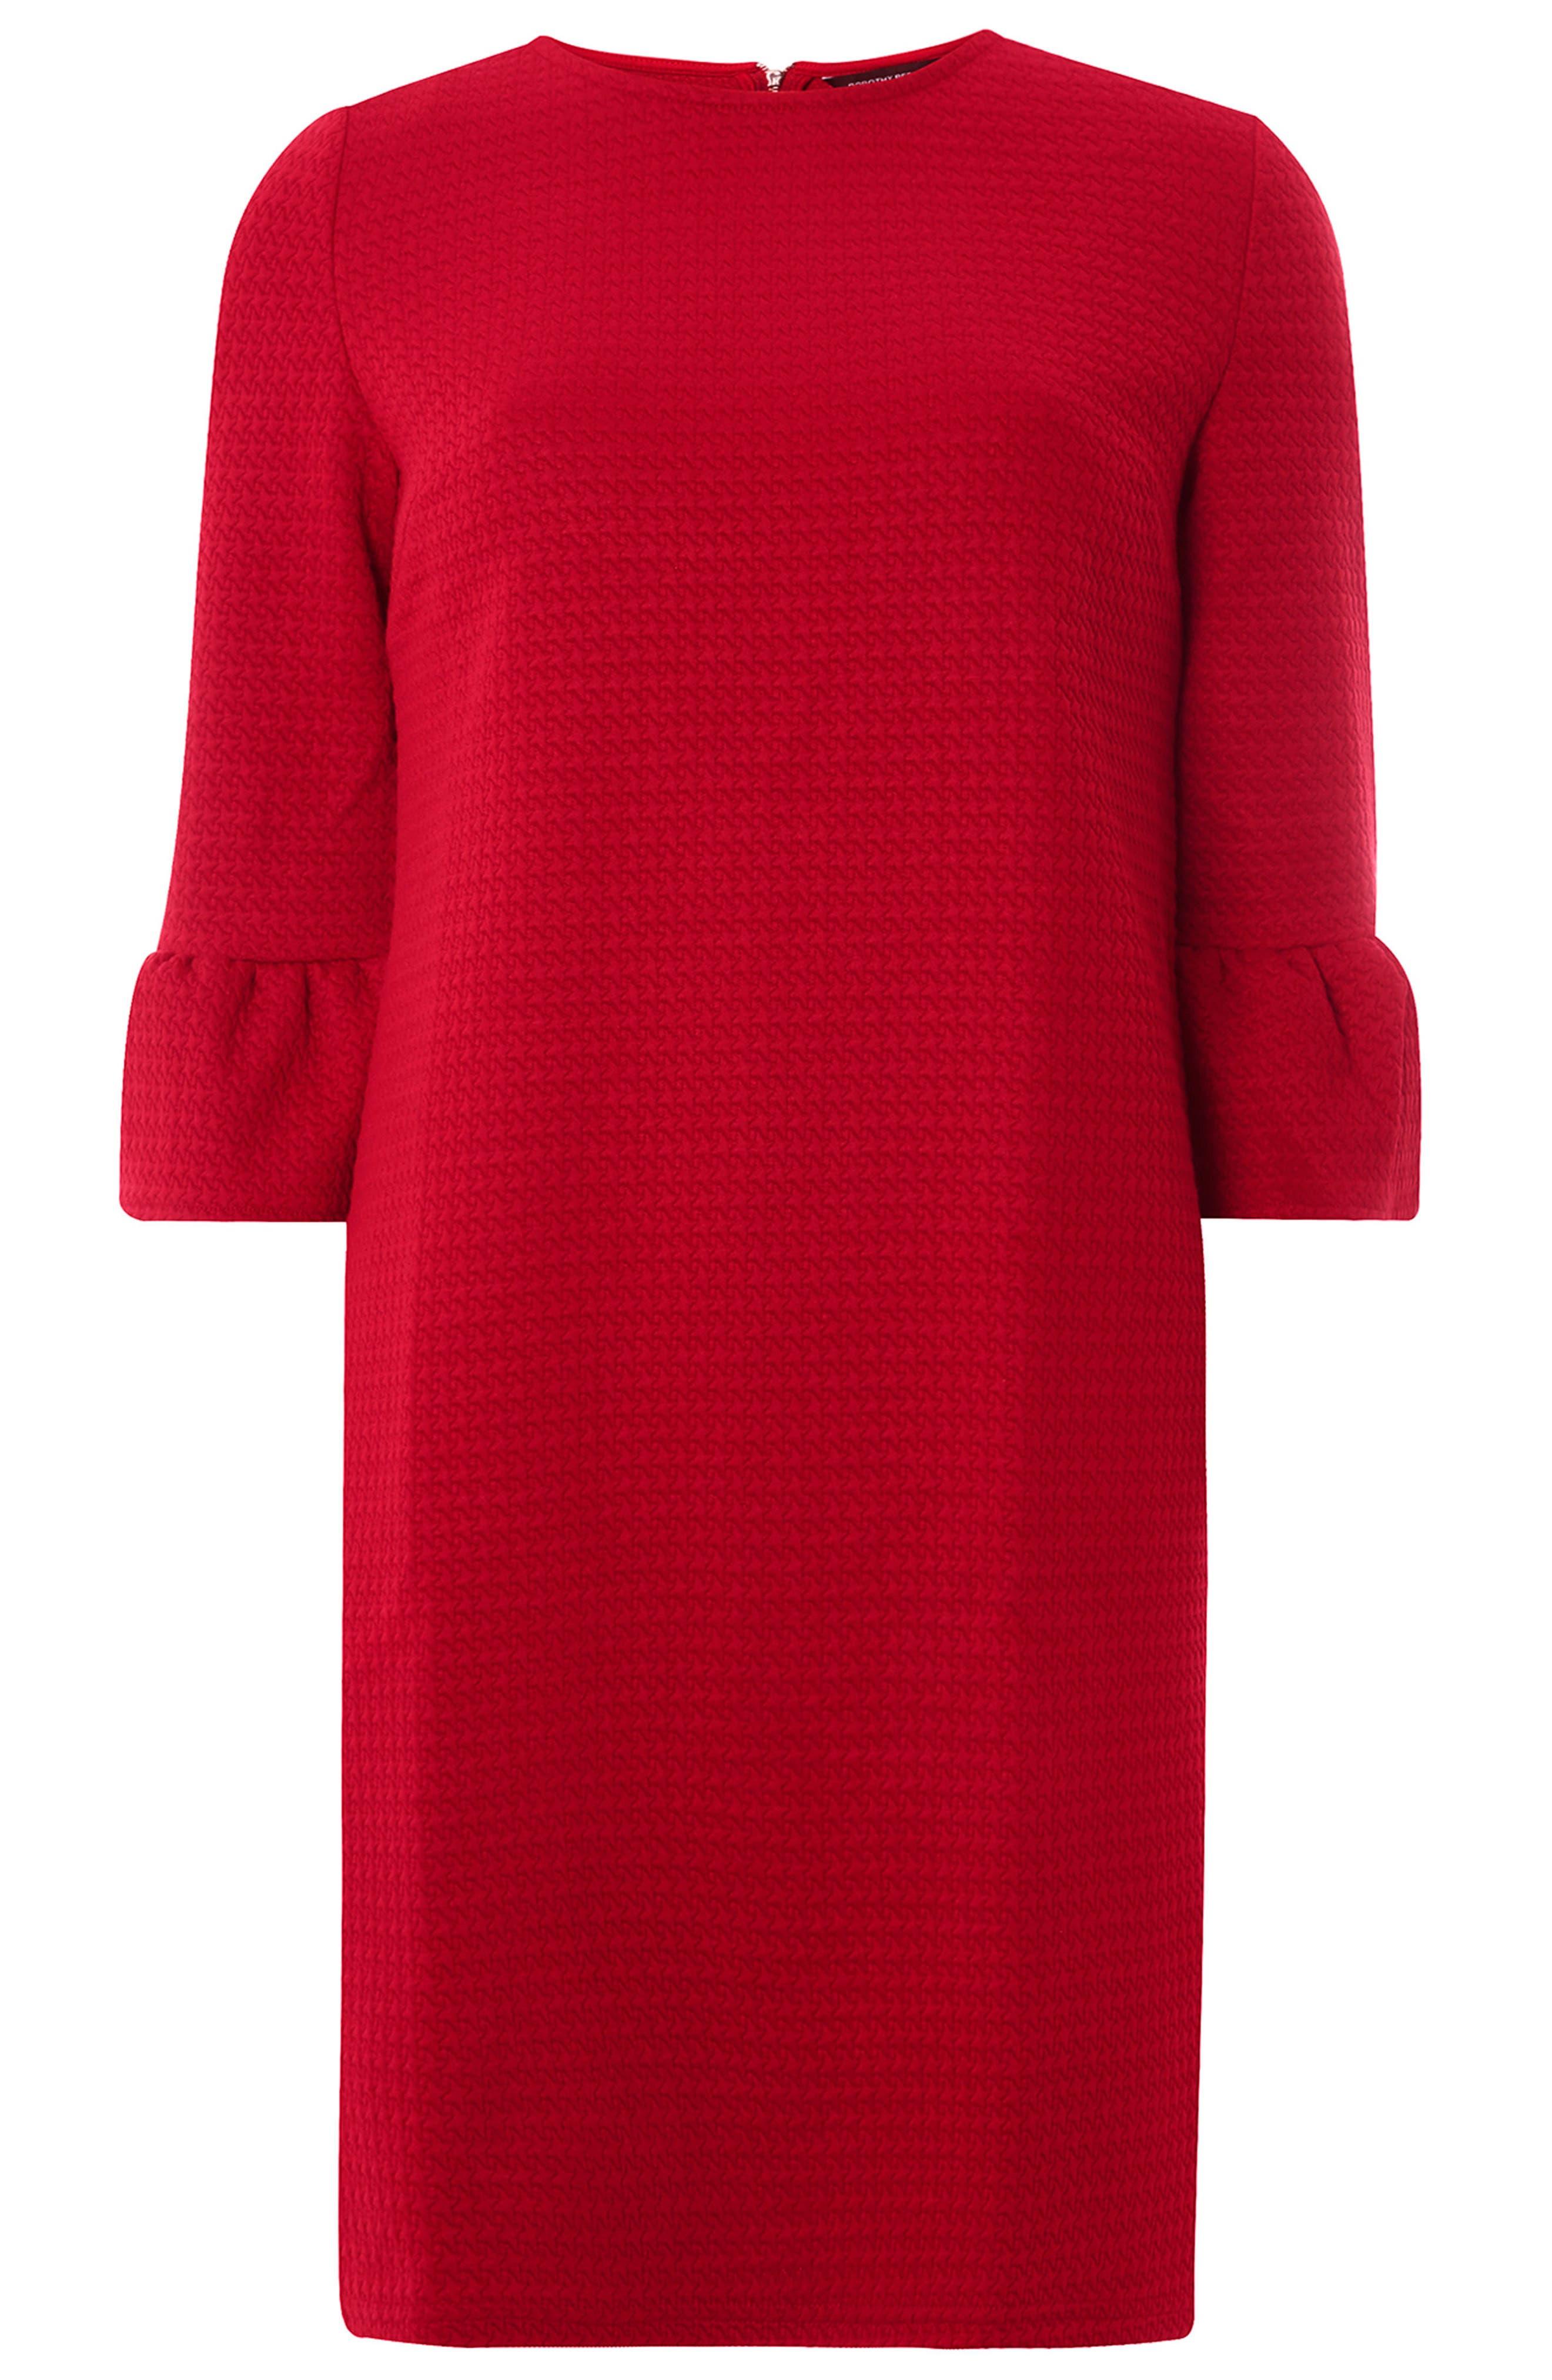 Ruffle Sleeve Shift Dress,                             Alternate thumbnail 5, color,                             601